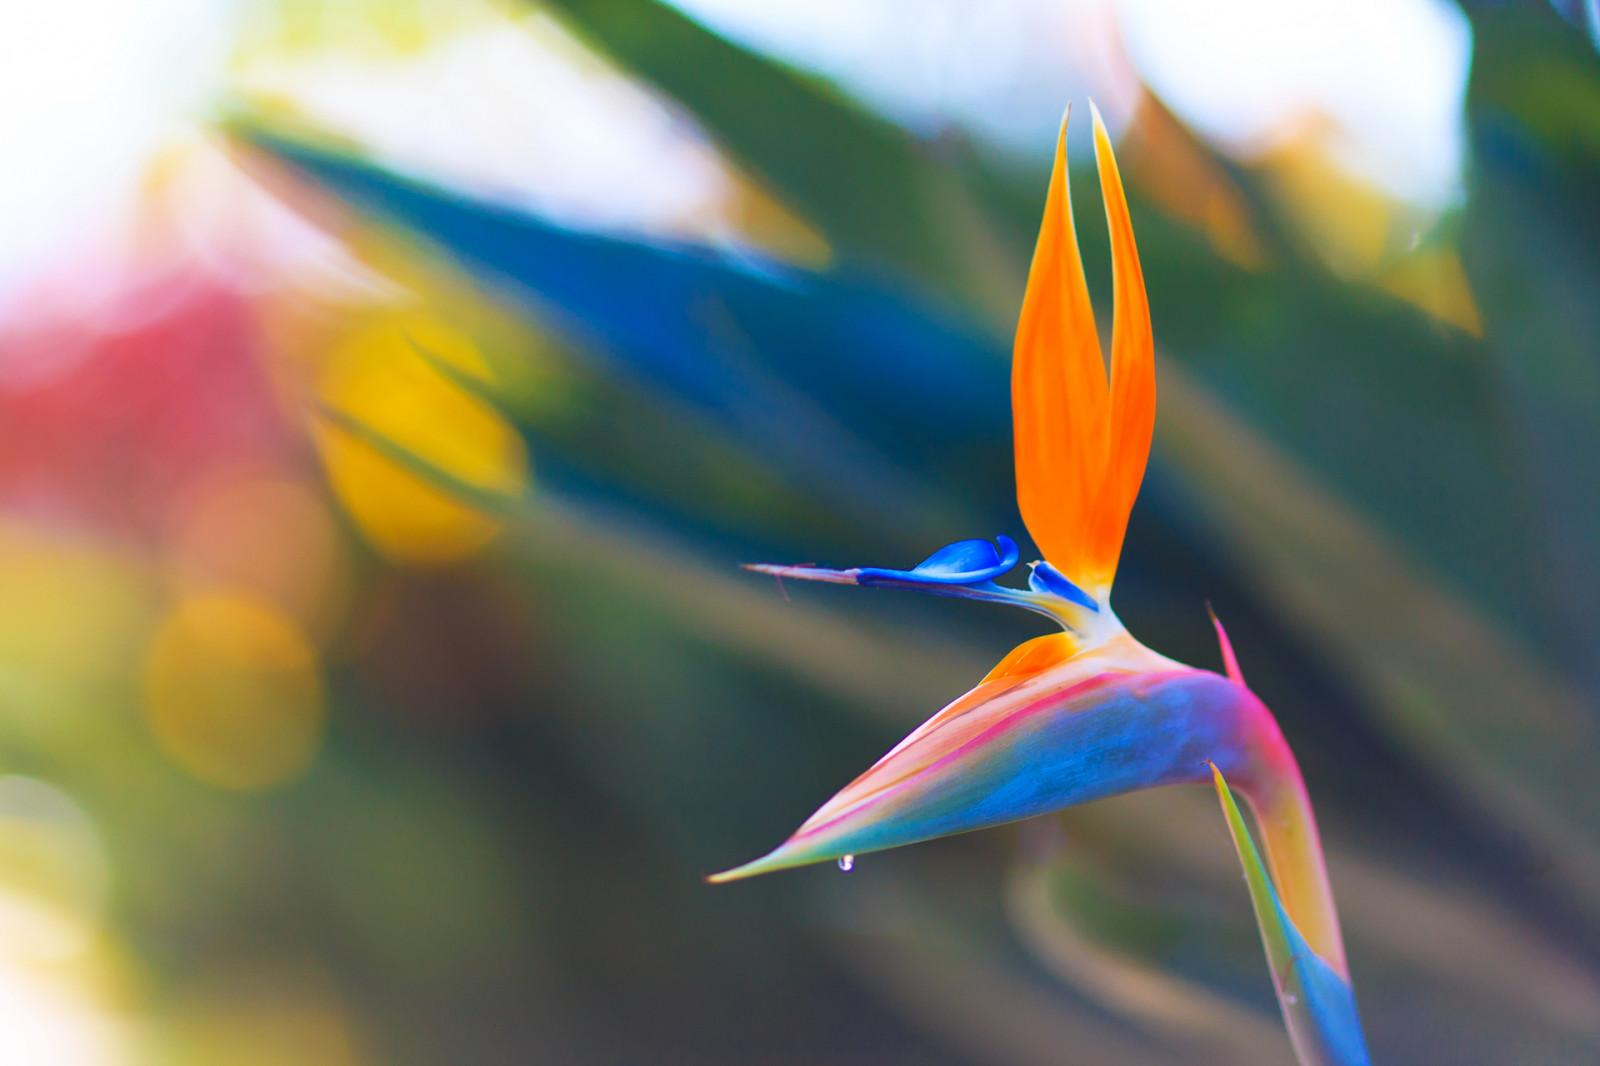 Fond d'écran : fleurs, tester, Orange, les plantes, plante, fleur, Couleur, vert, la nature, eau ...